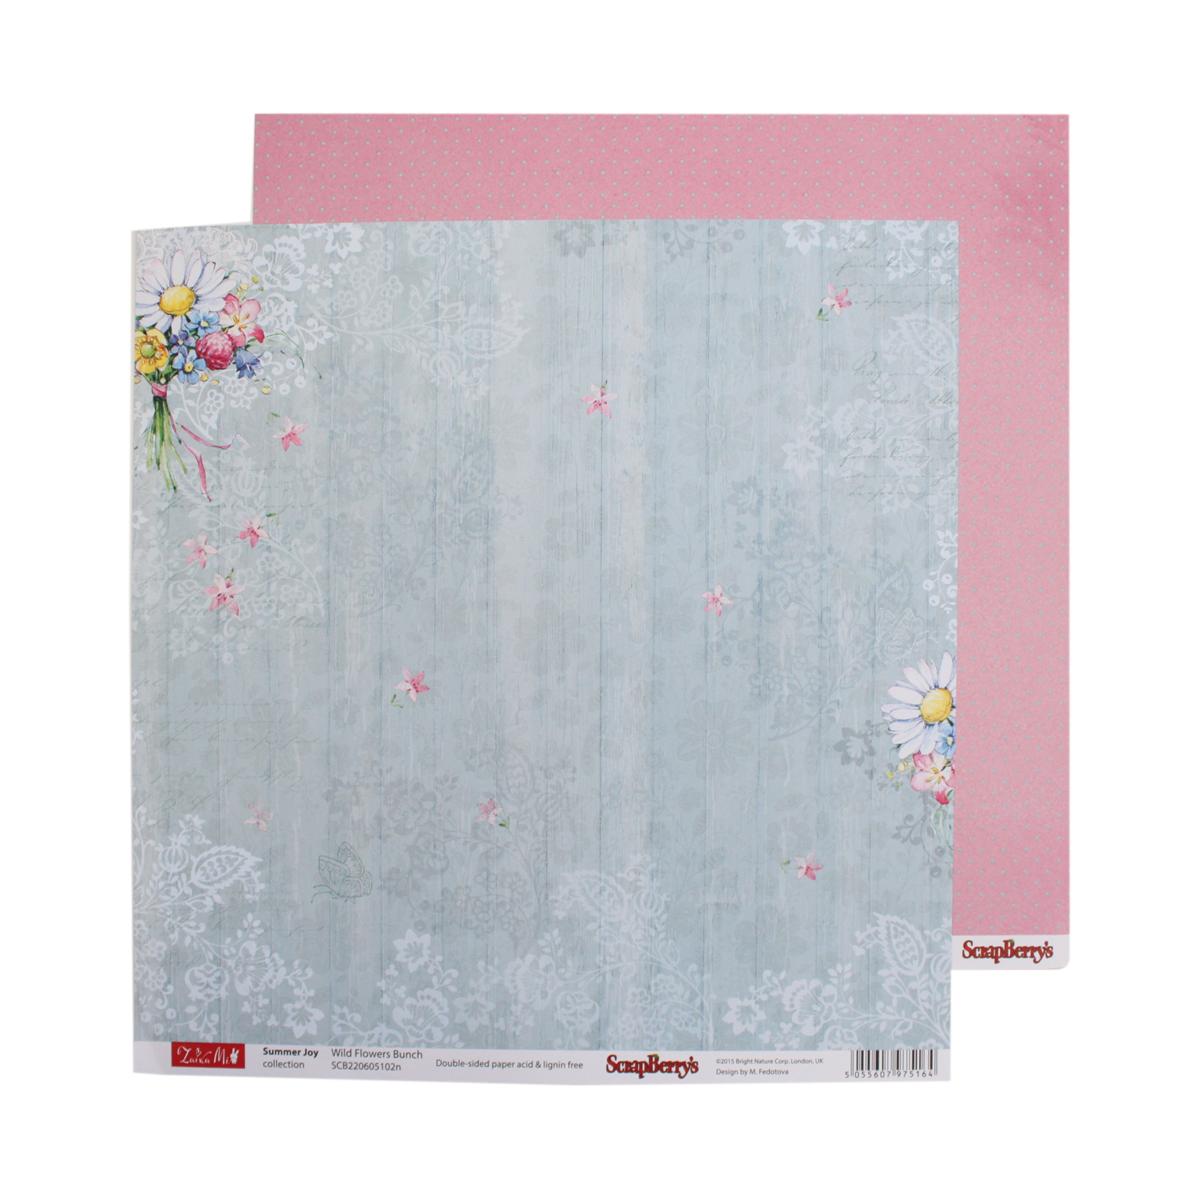 Бумага для скрапбукинга ScrapBerrys Летняя радость. Букет полевых цветов, двухсторонняя, 30,5 х 30,5 см, 10 листов. 497438497438